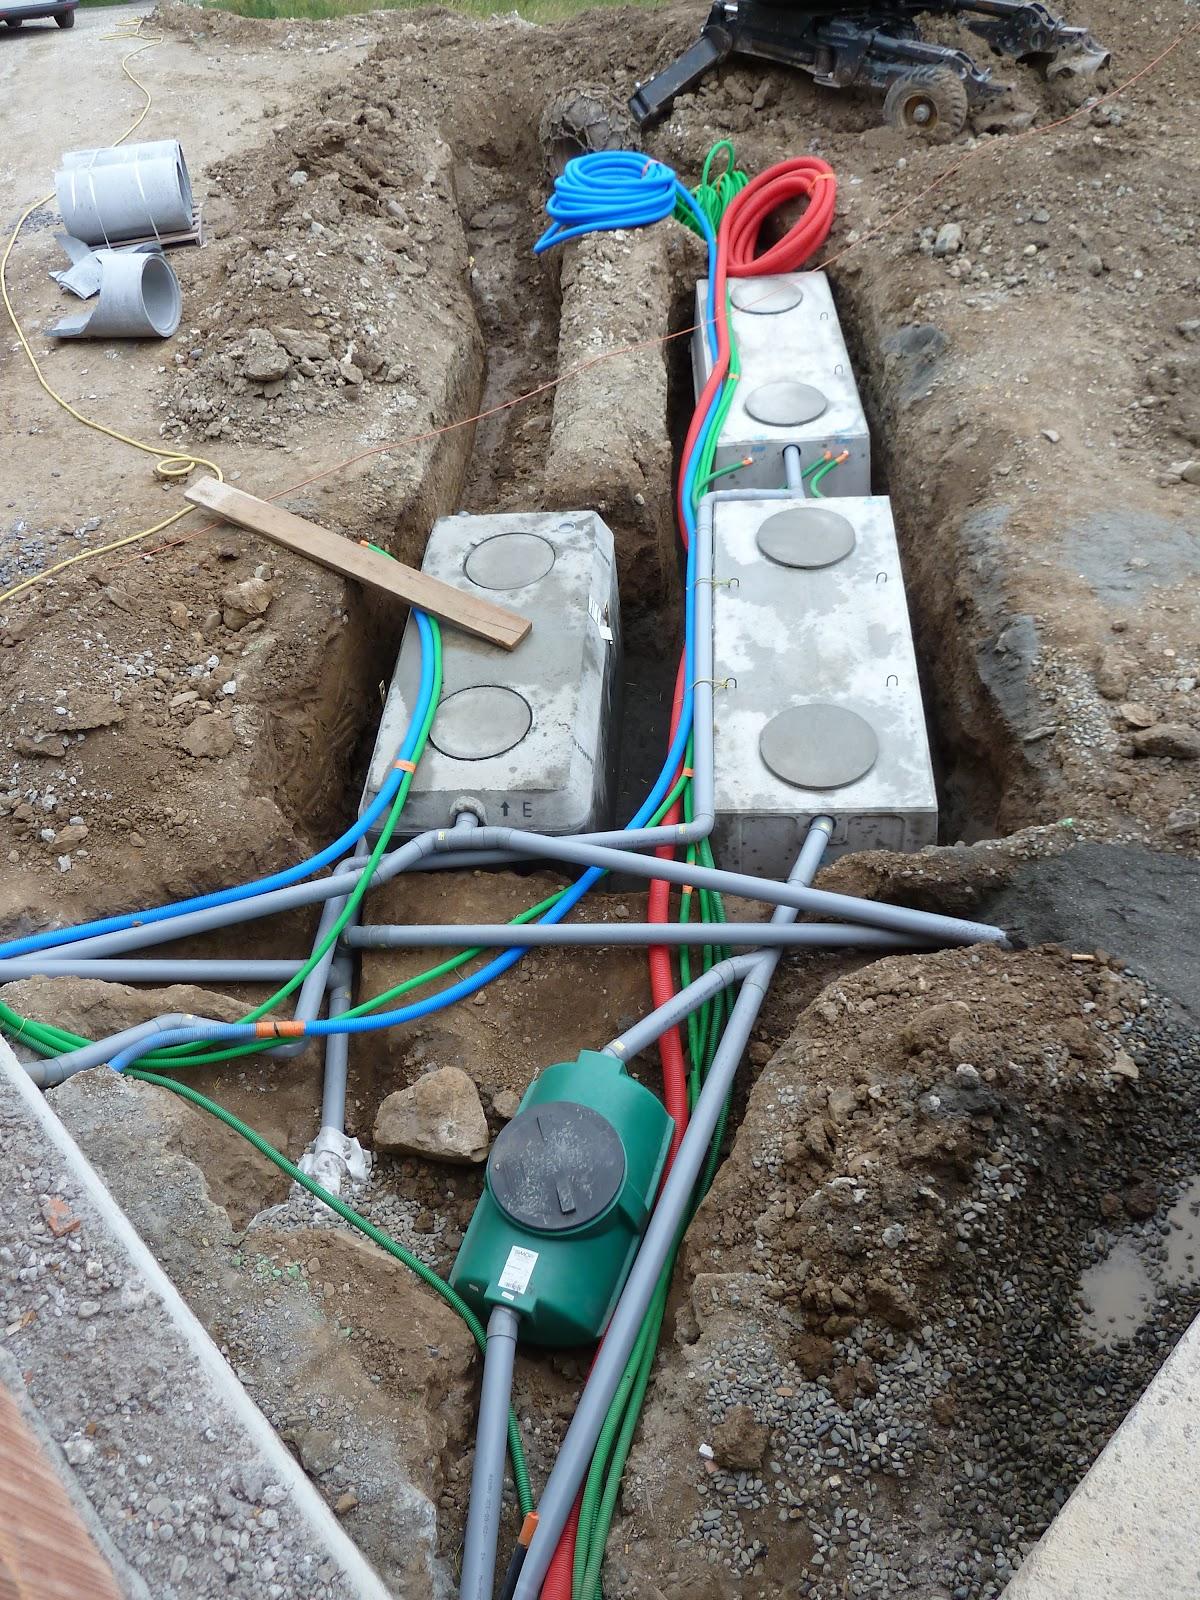 La maison de meltemetpetau l 39 assainissement un gros chantier - Recuperateur d humidite ...